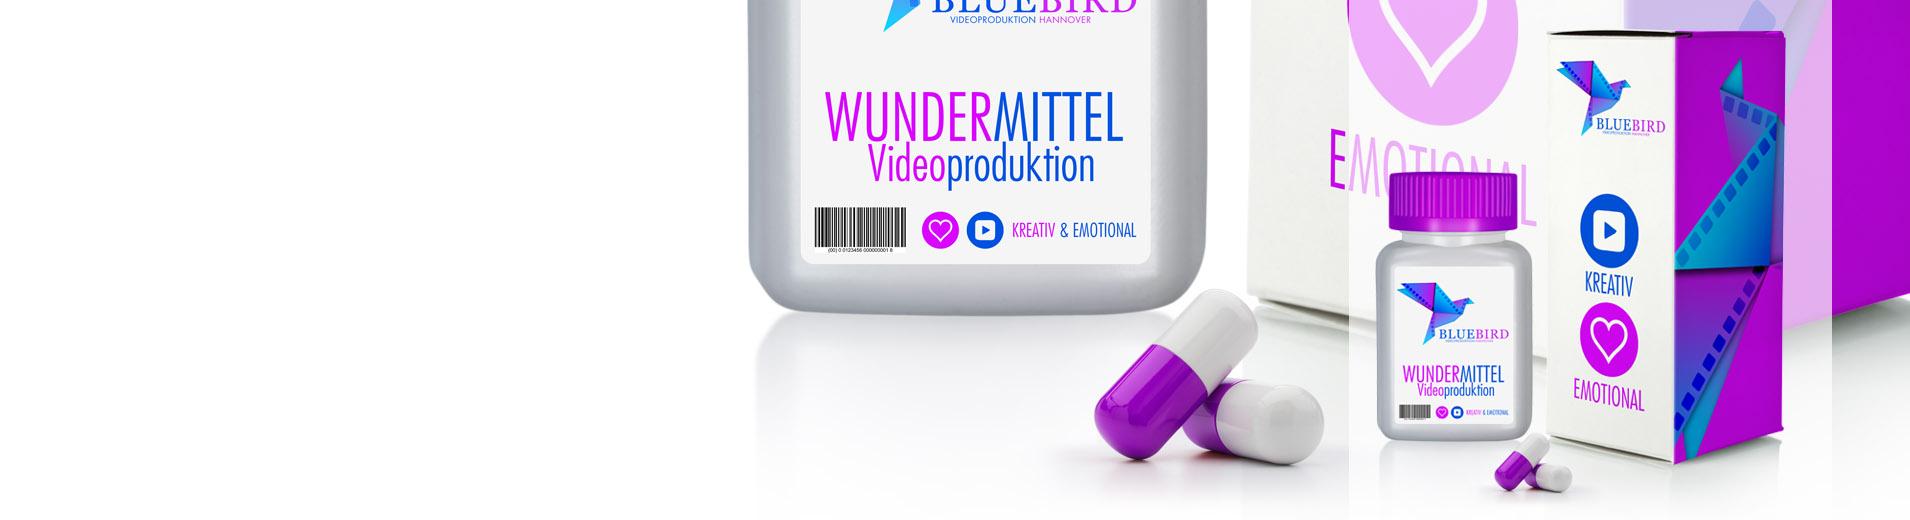 videoproduktion-hannover-filmproduktion-niedersachsen-slider-02